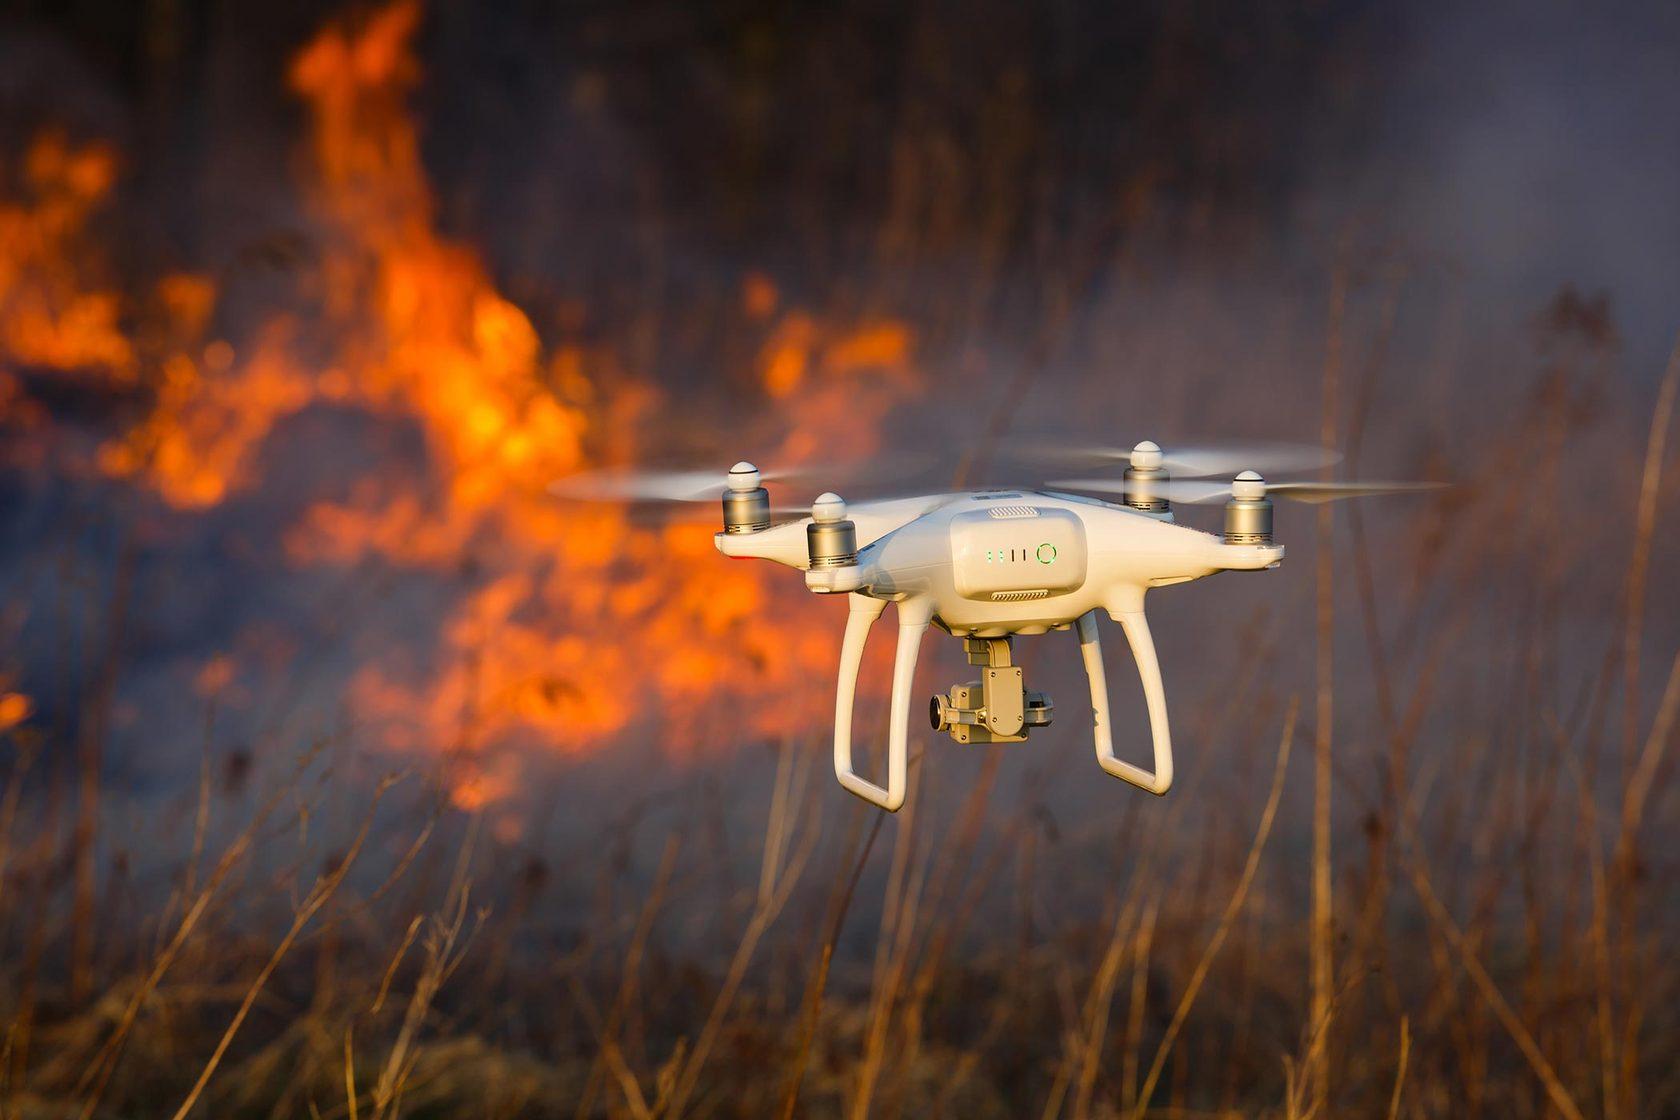 МЧС использует дроны для поиска нарушителей противопожарного режима